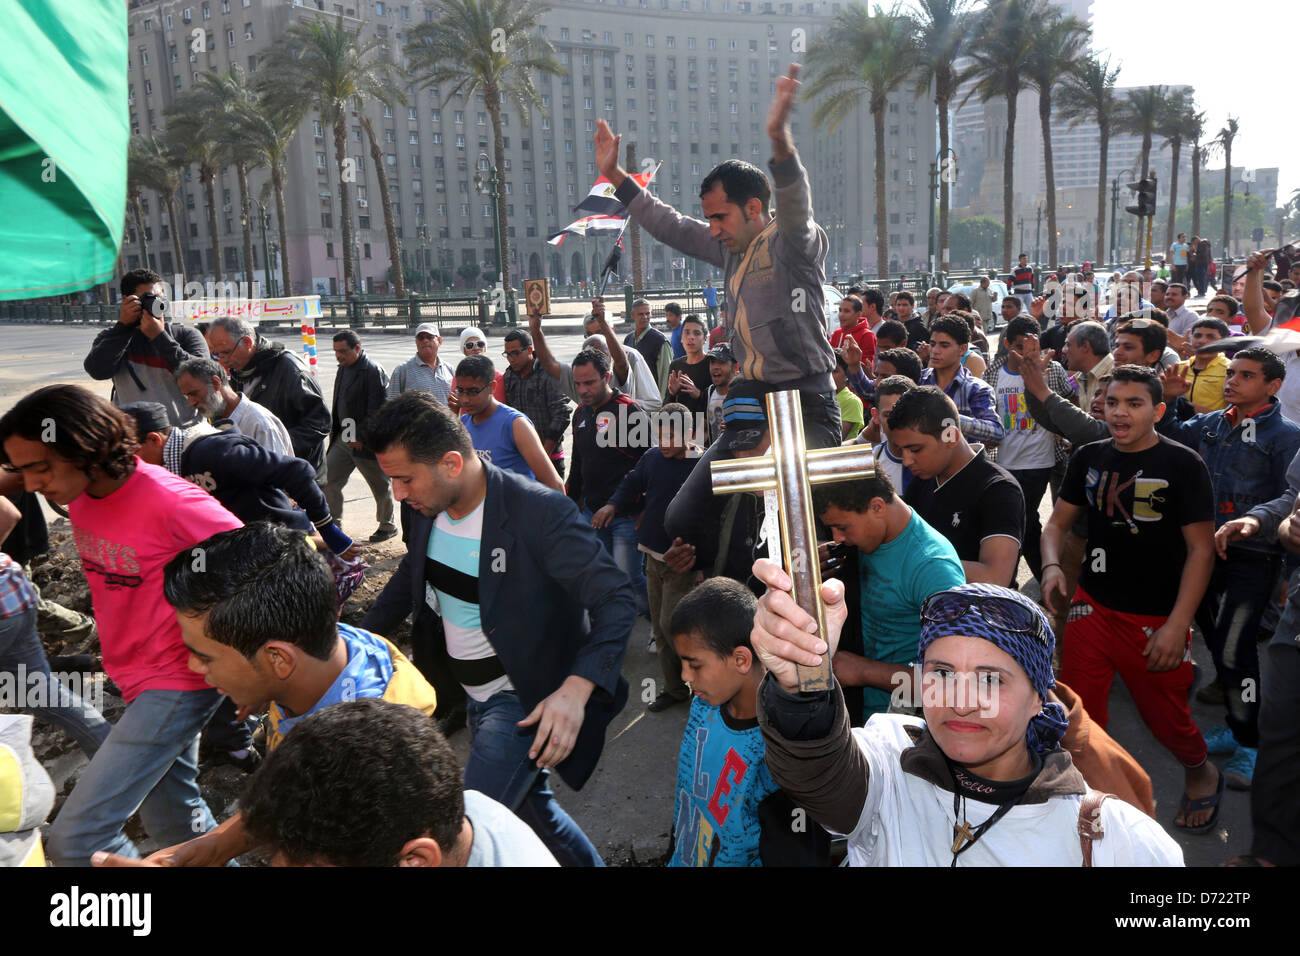 Una mujer cristiana tiene una cruz de madera durante un cristiano-musulmán pacífico mitin masivo en la Imagen De Stock